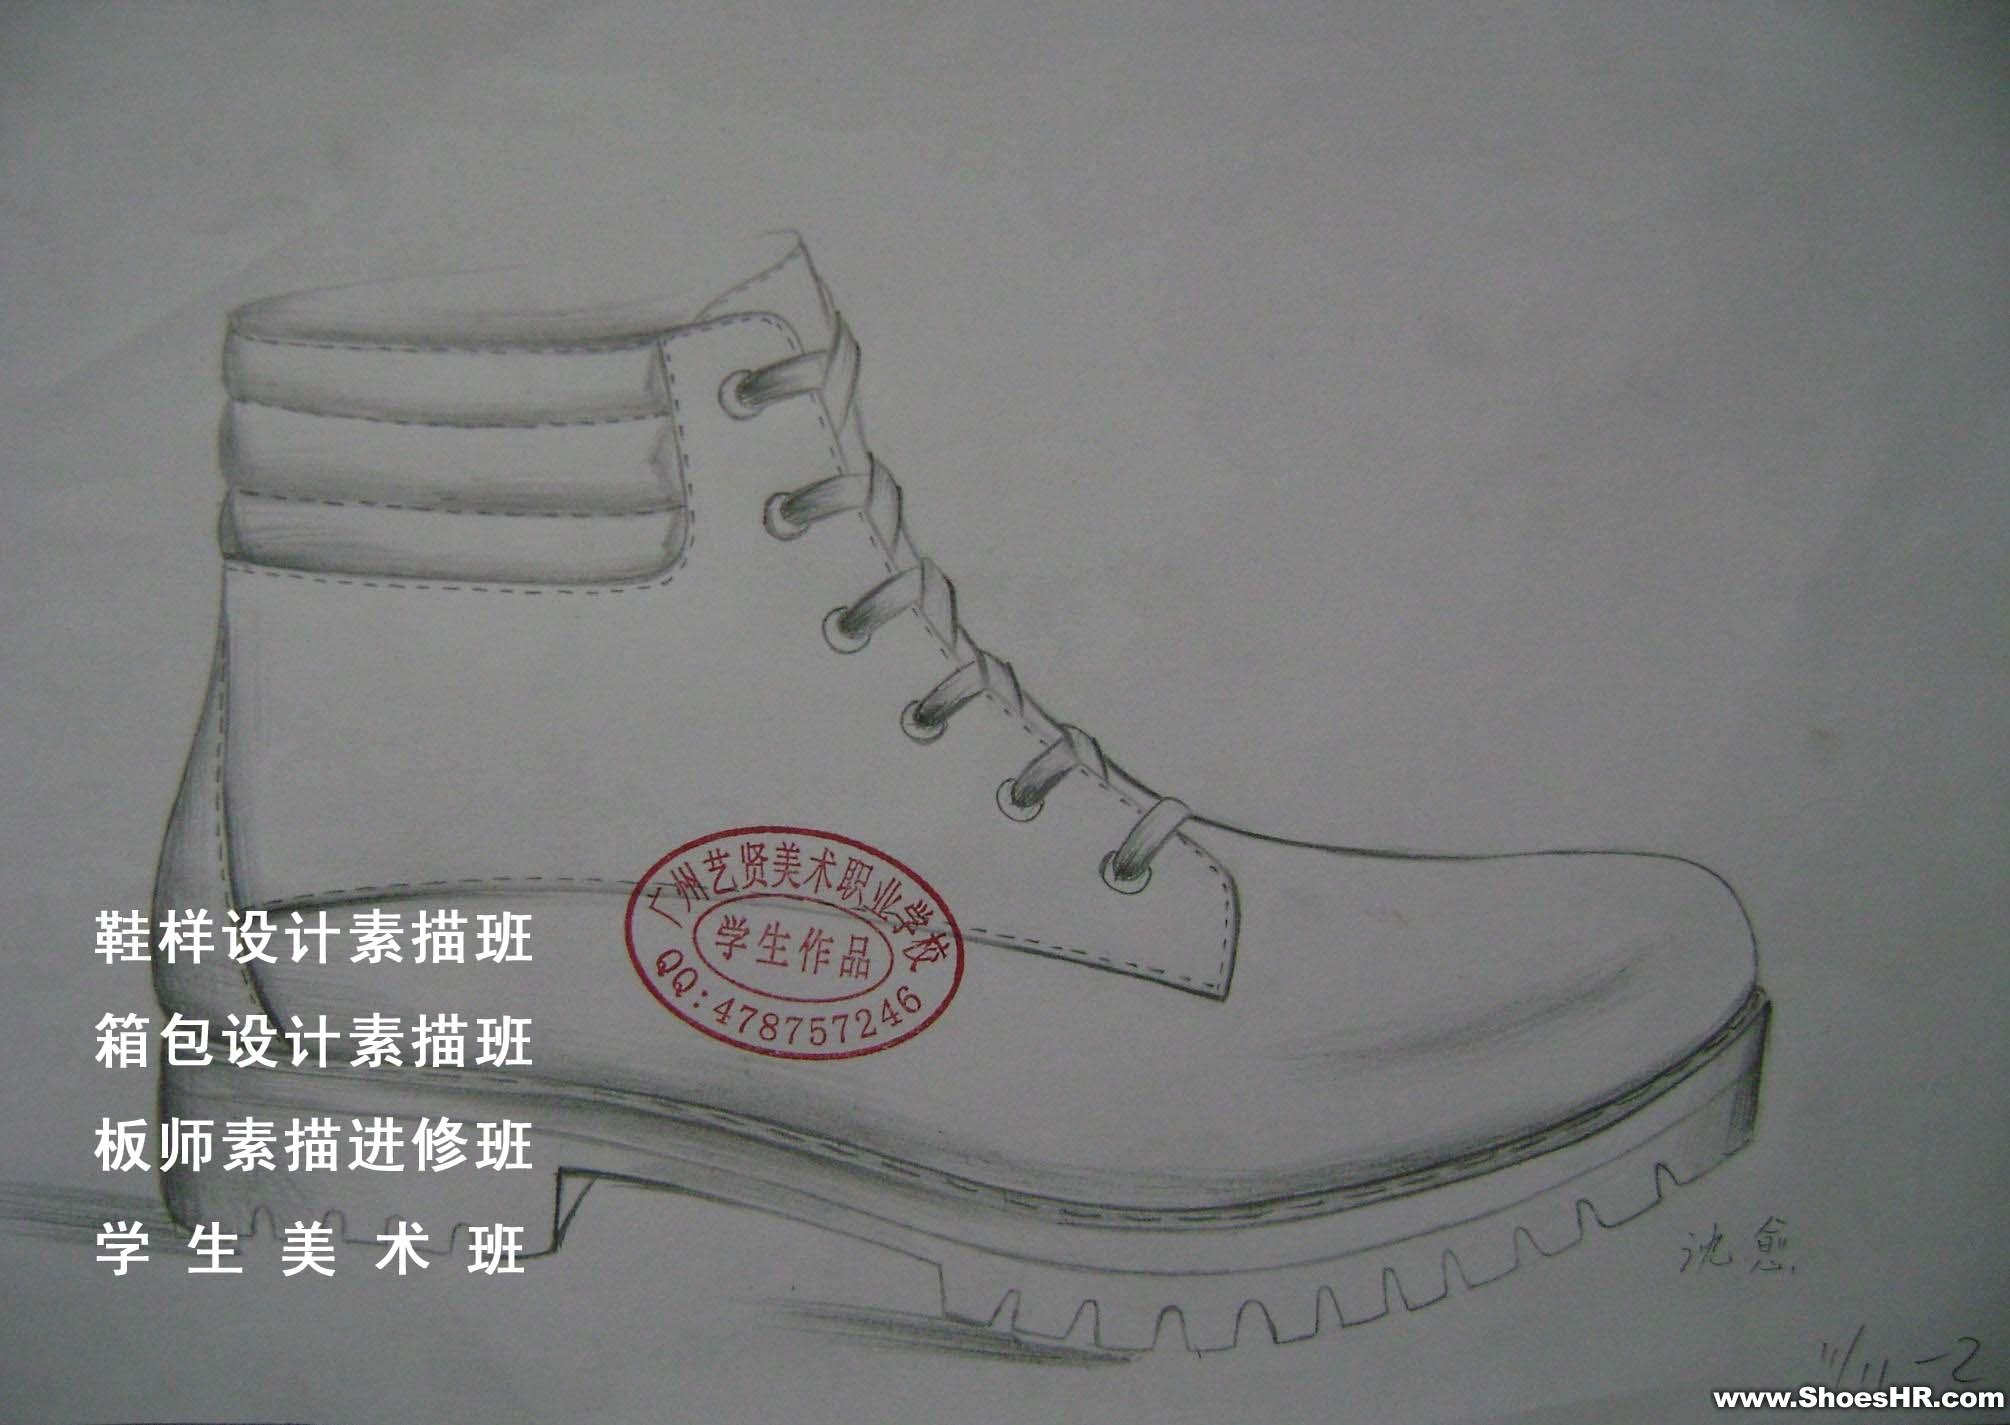 艺贤美术鞋样手袋美工设计手绘